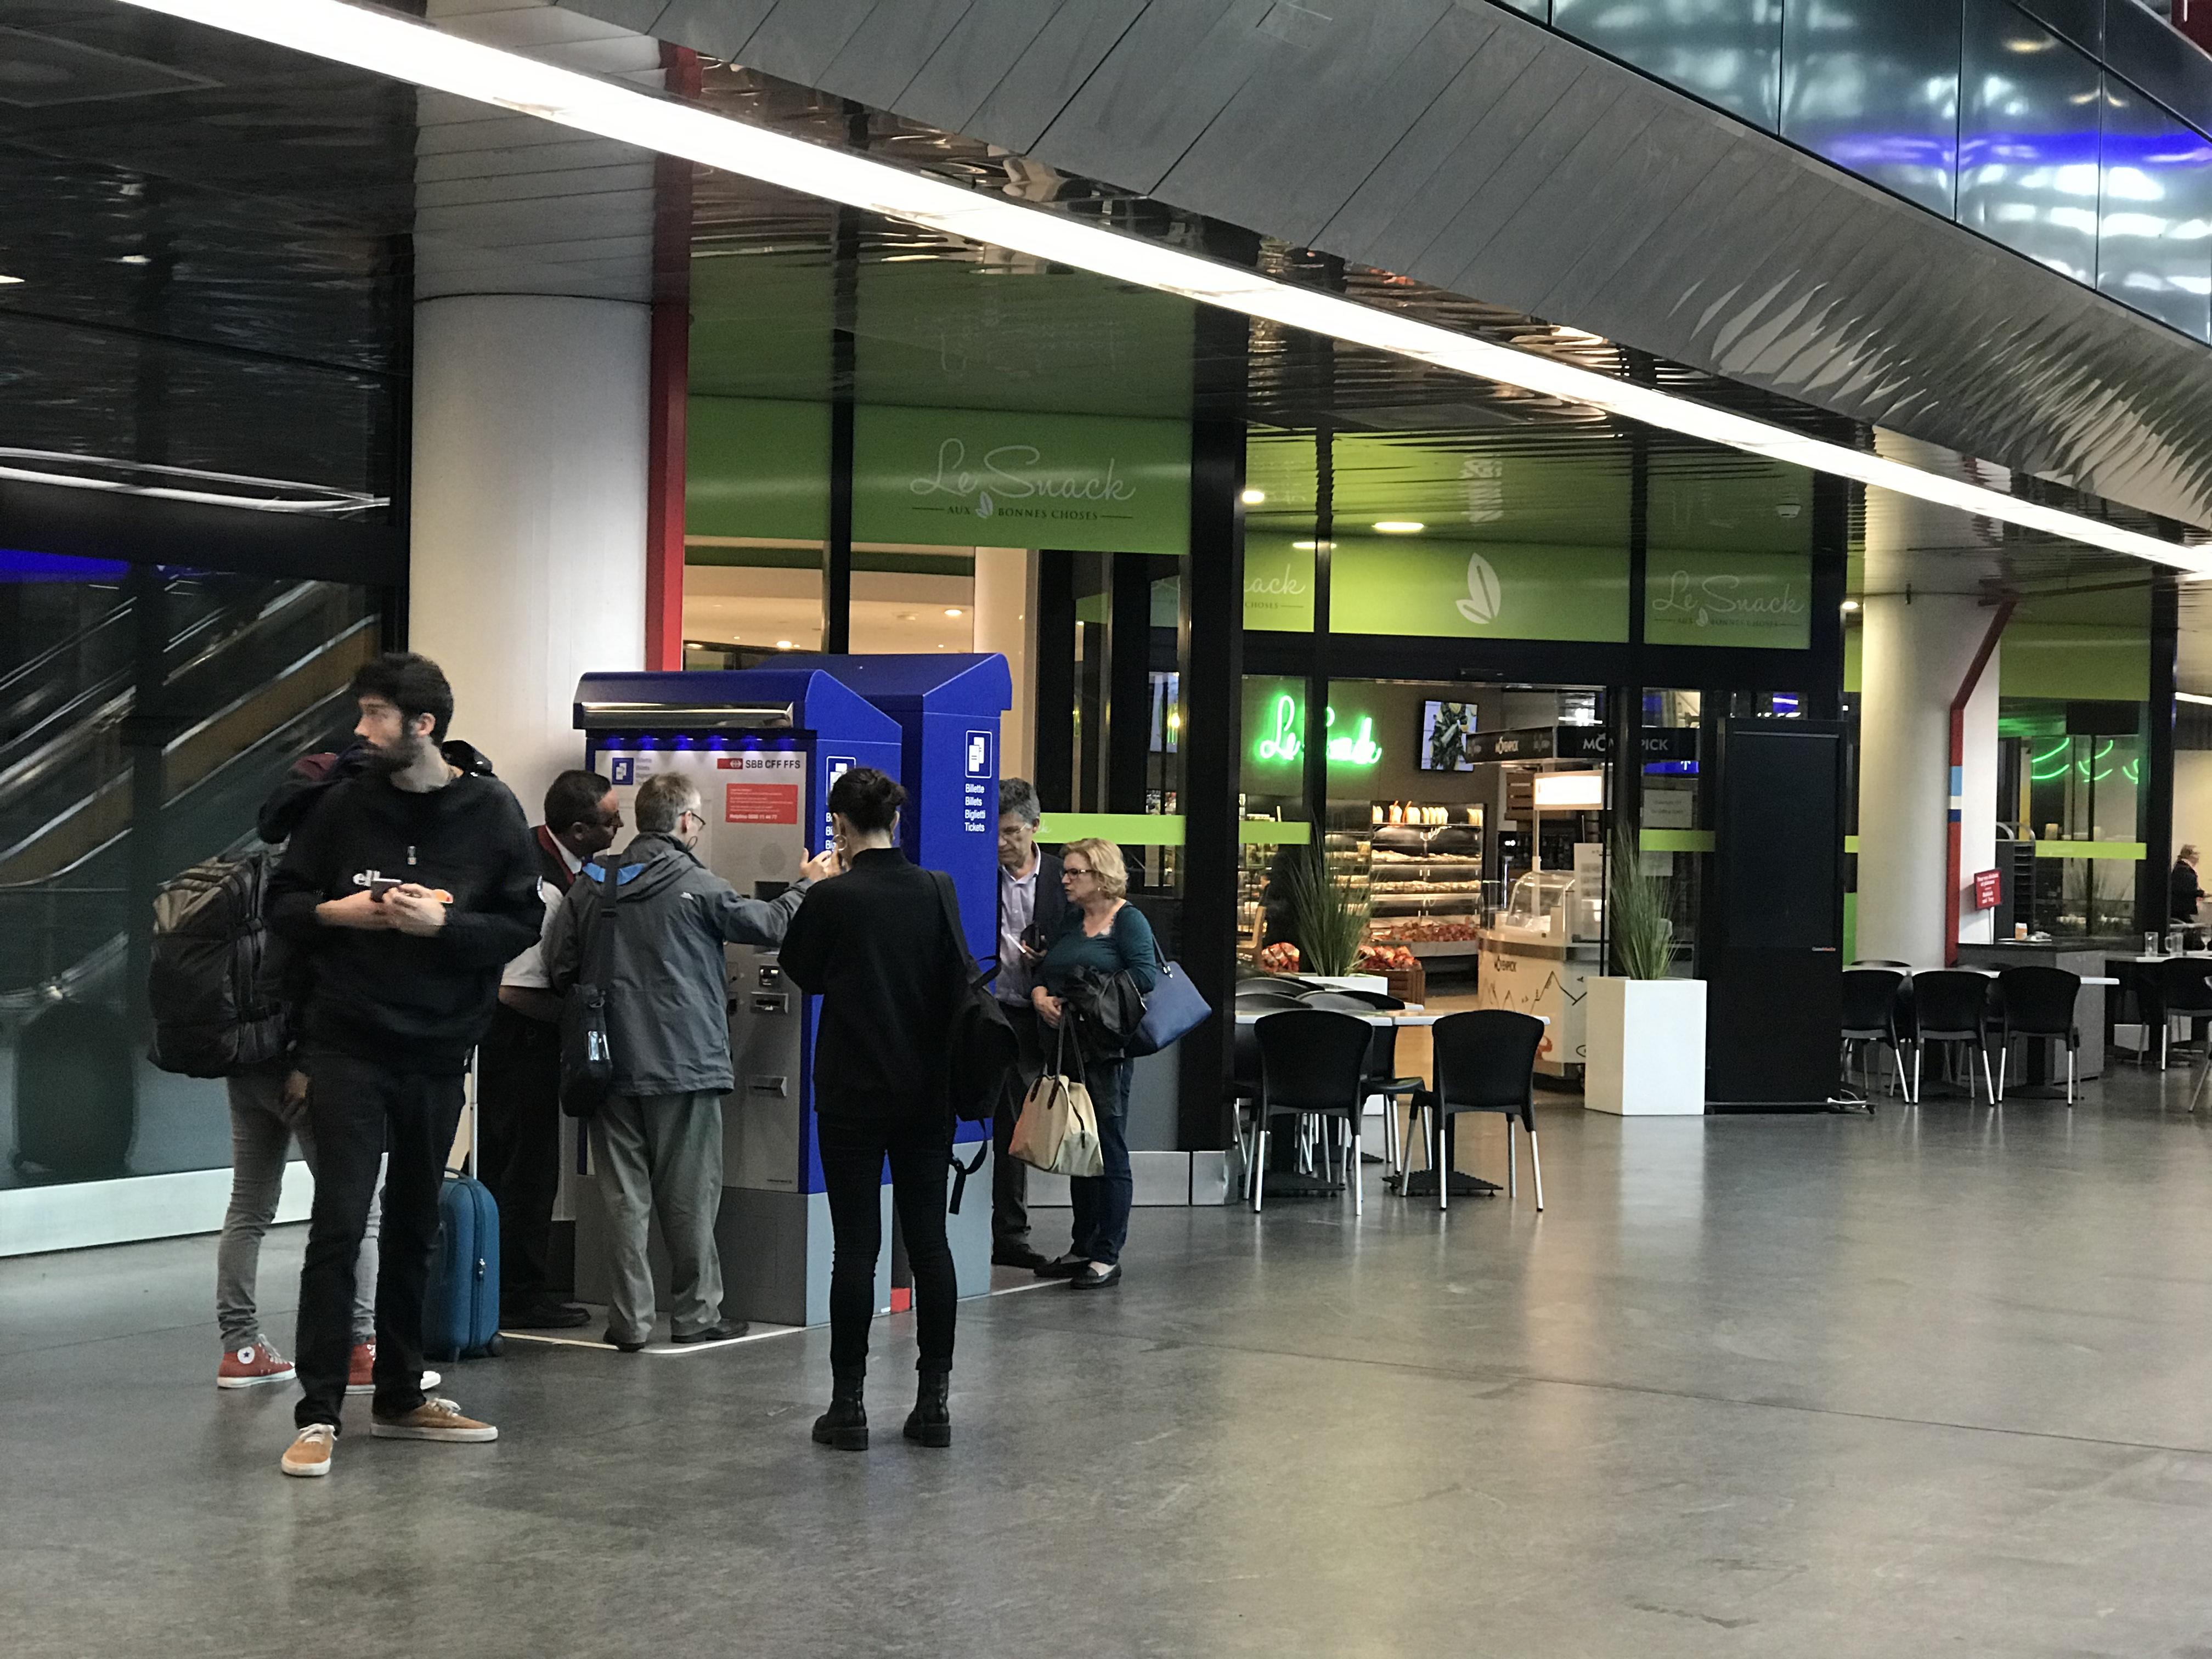 駅で切符を買う人々